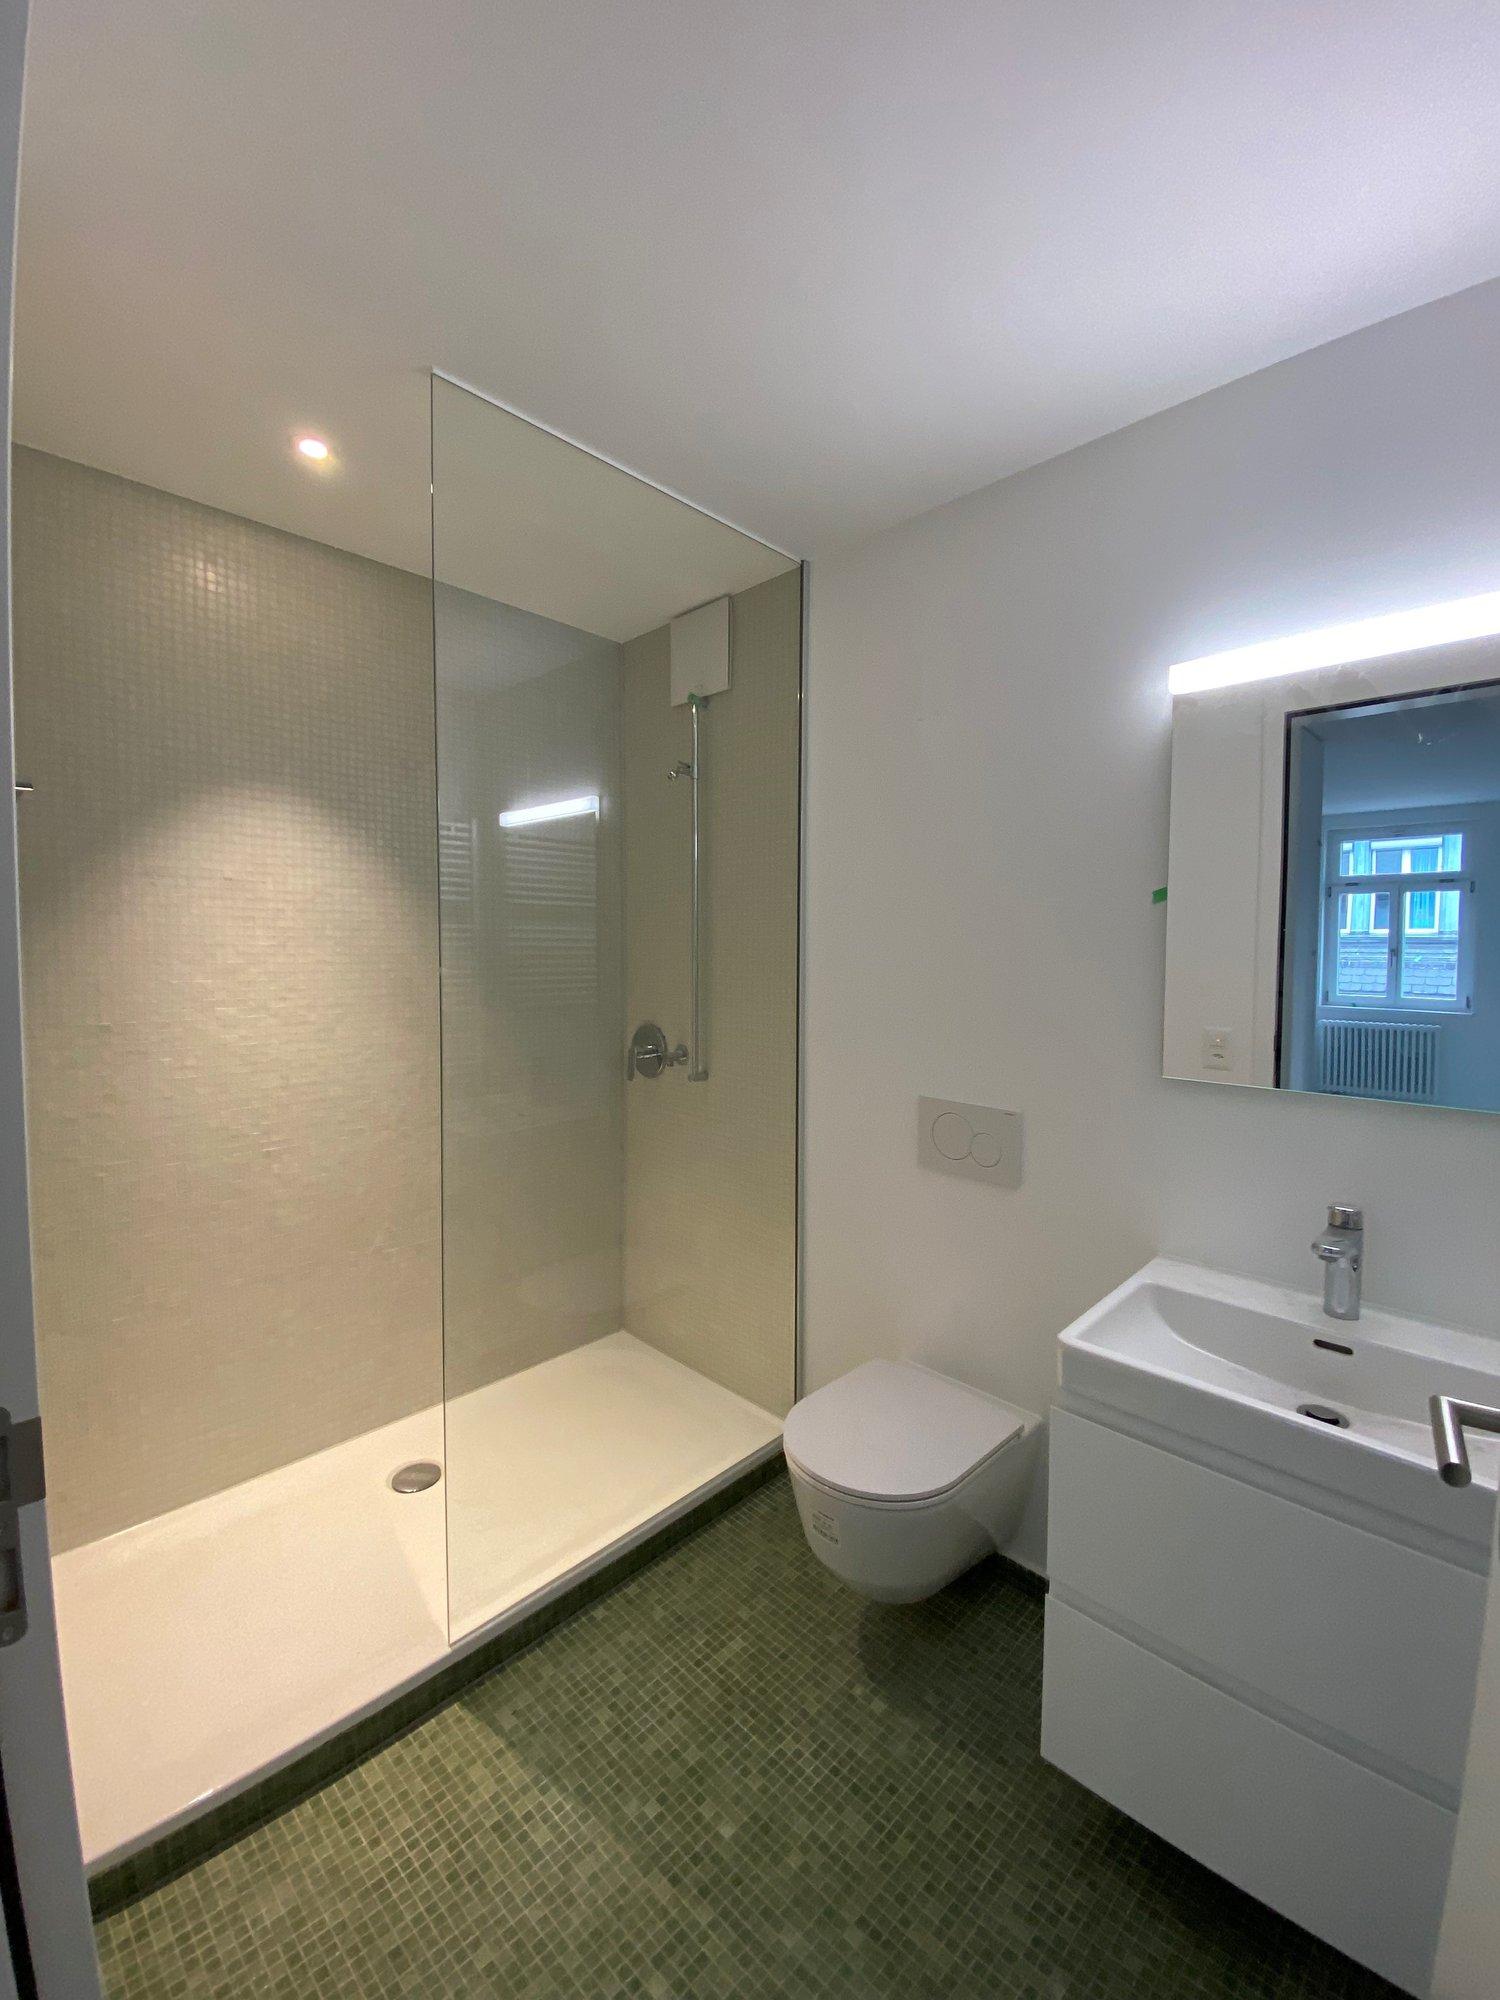 Dusche/WC im unteren Geschoss - Vorschau